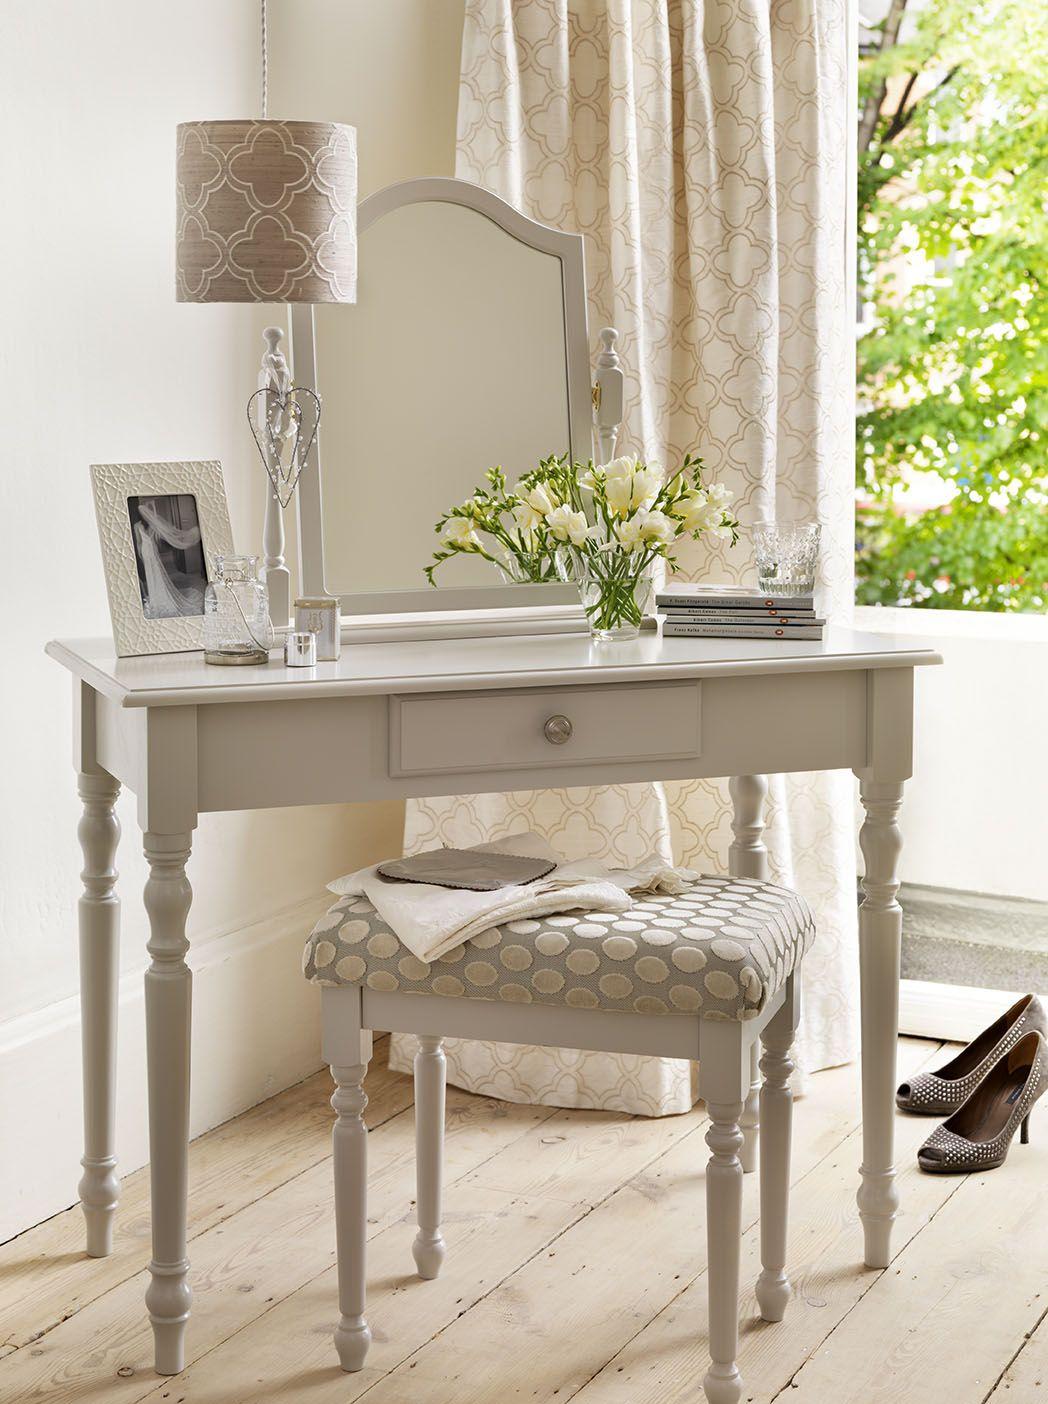 Lindo delicadamente suave decoração pinterest french dressing